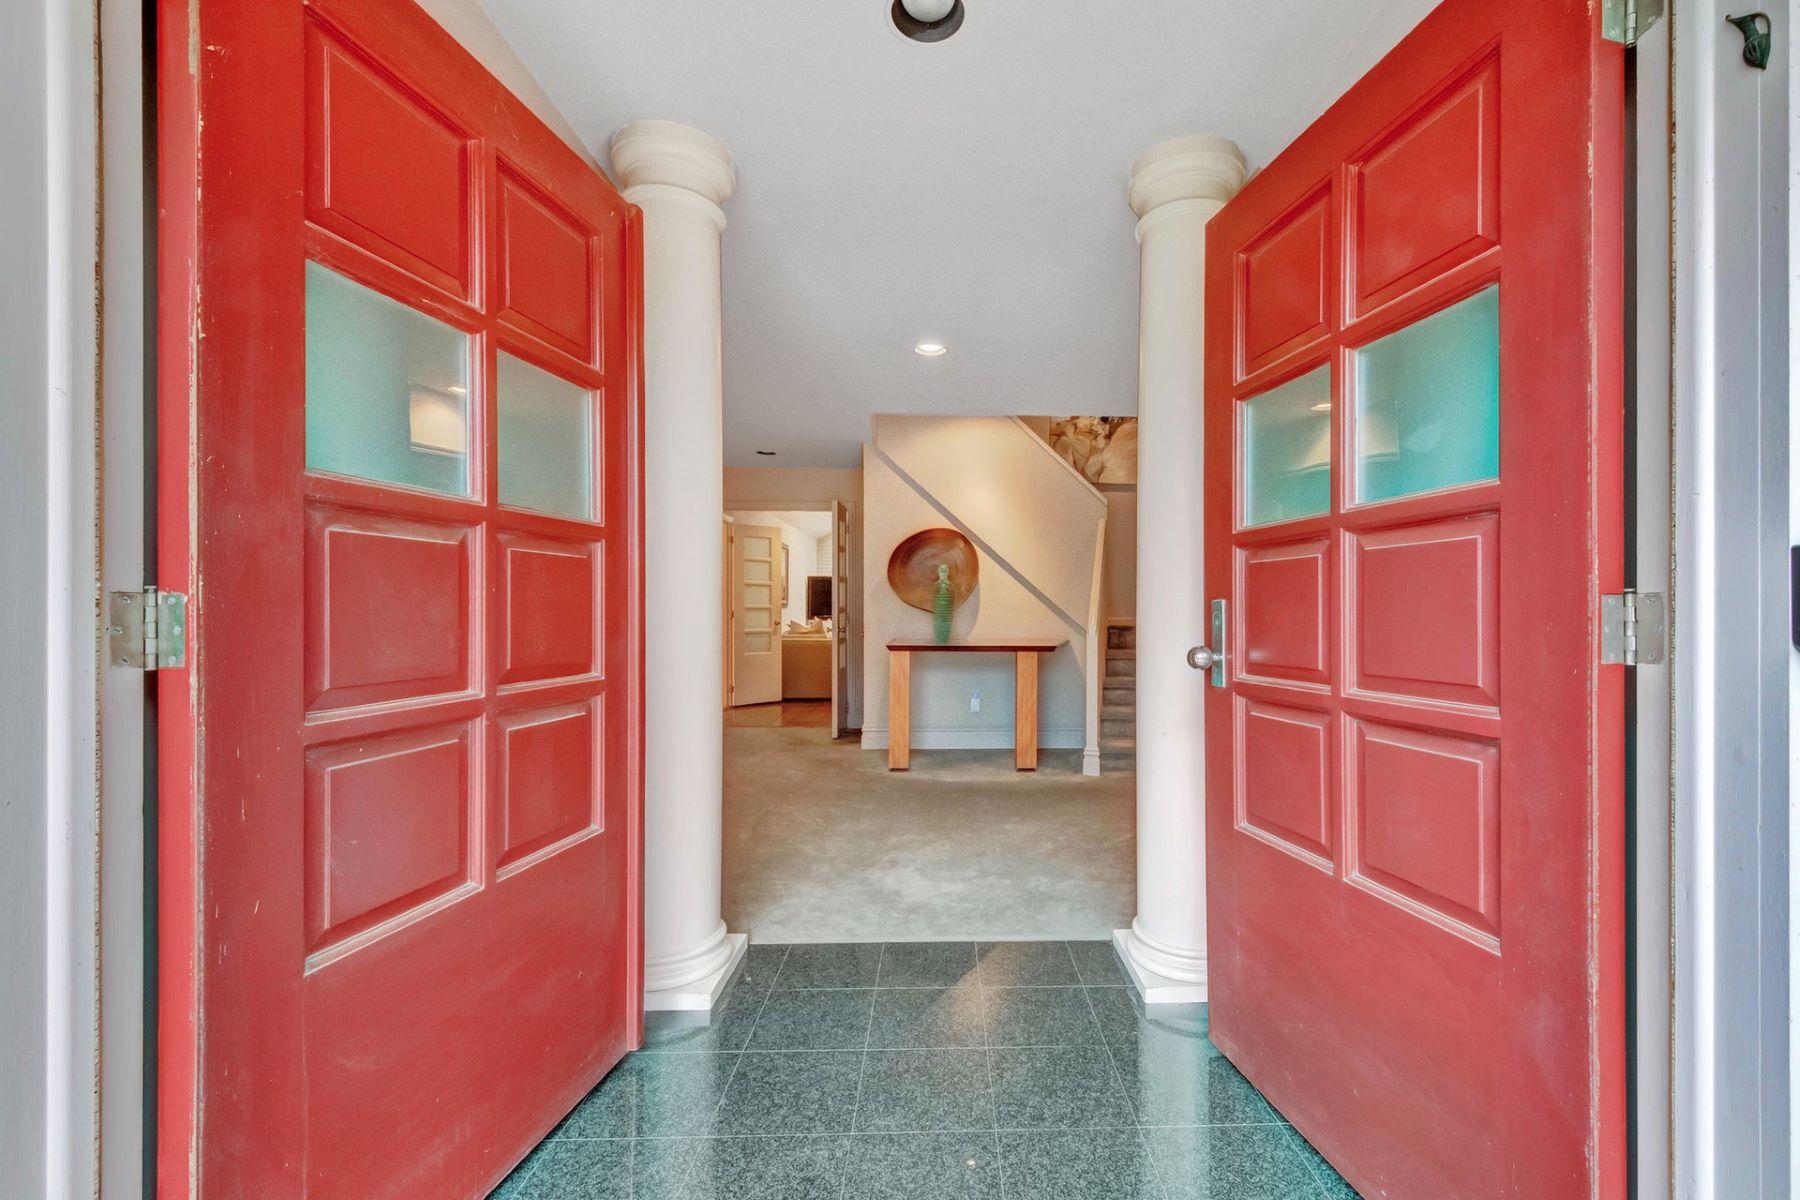 Single Family Homes для того Продажа на Great Opportunity! 70 Dyer Ct, Norwood, Нью-Джерси 07648 Соединенные Штаты